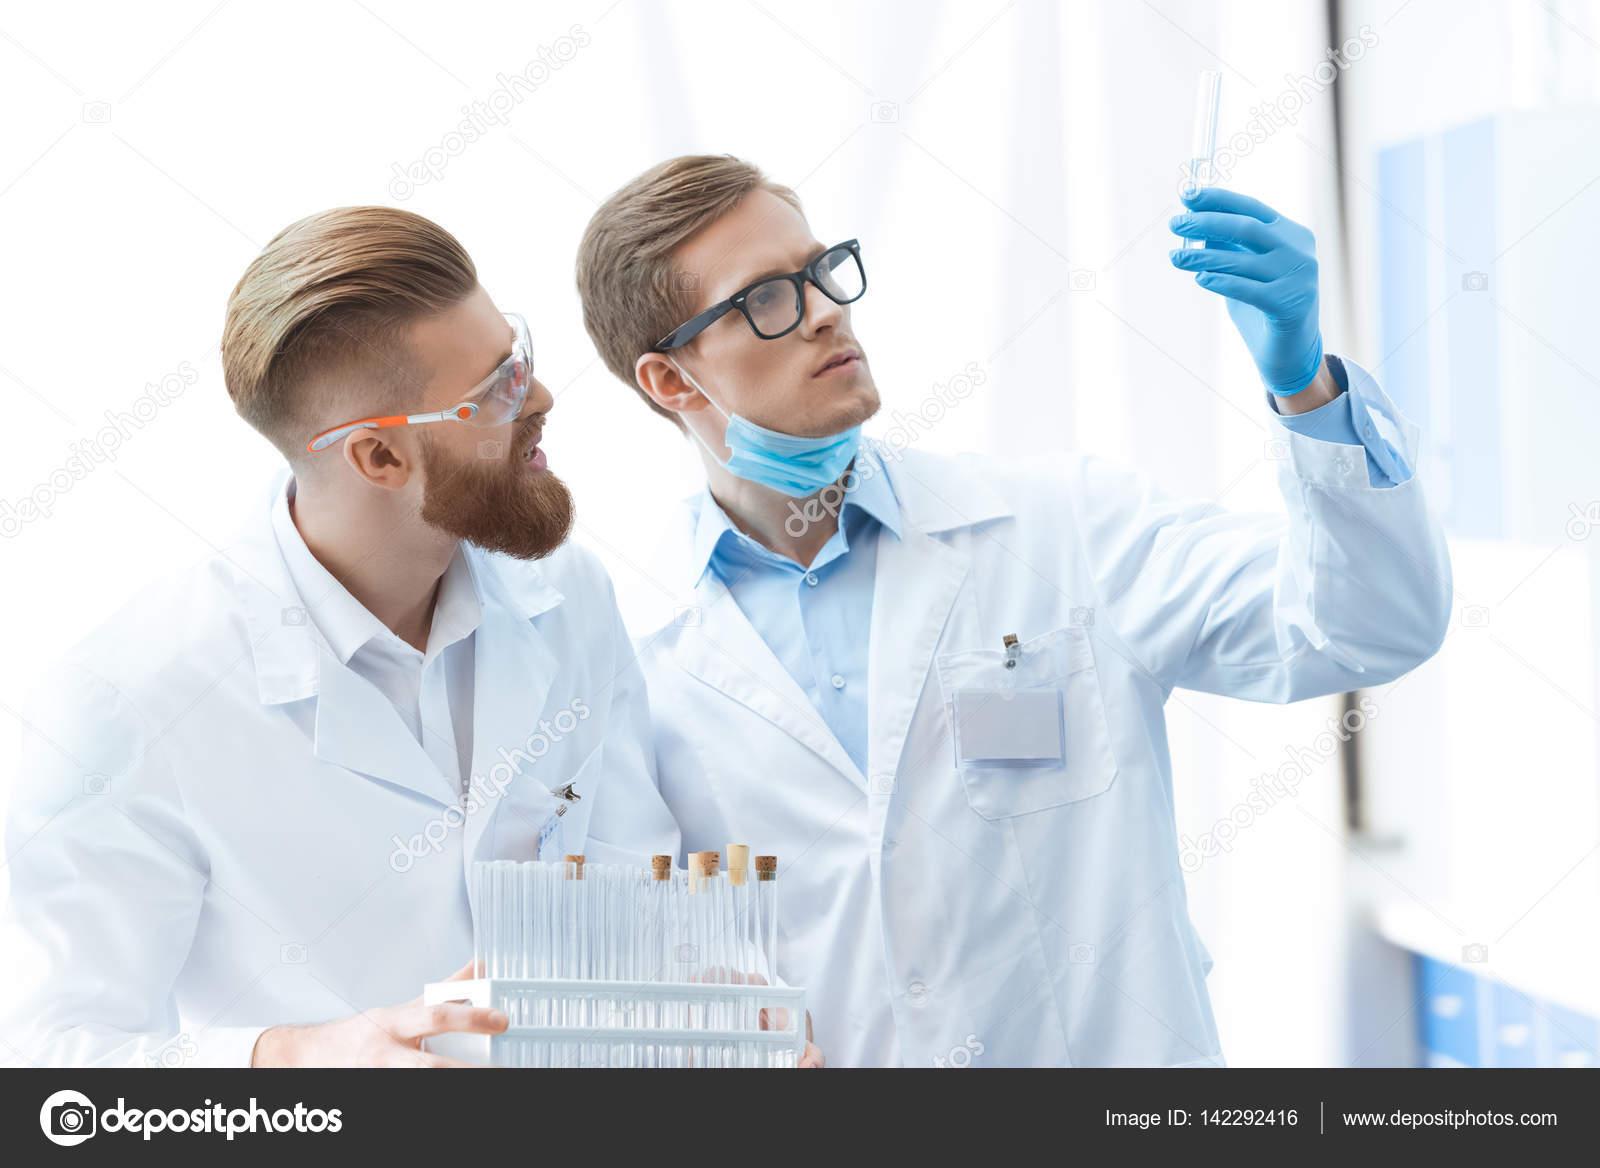 019119d25f Χημικοί που εργάζονται στο εργαστήριο — Φωτογραφία Αρχείου ...